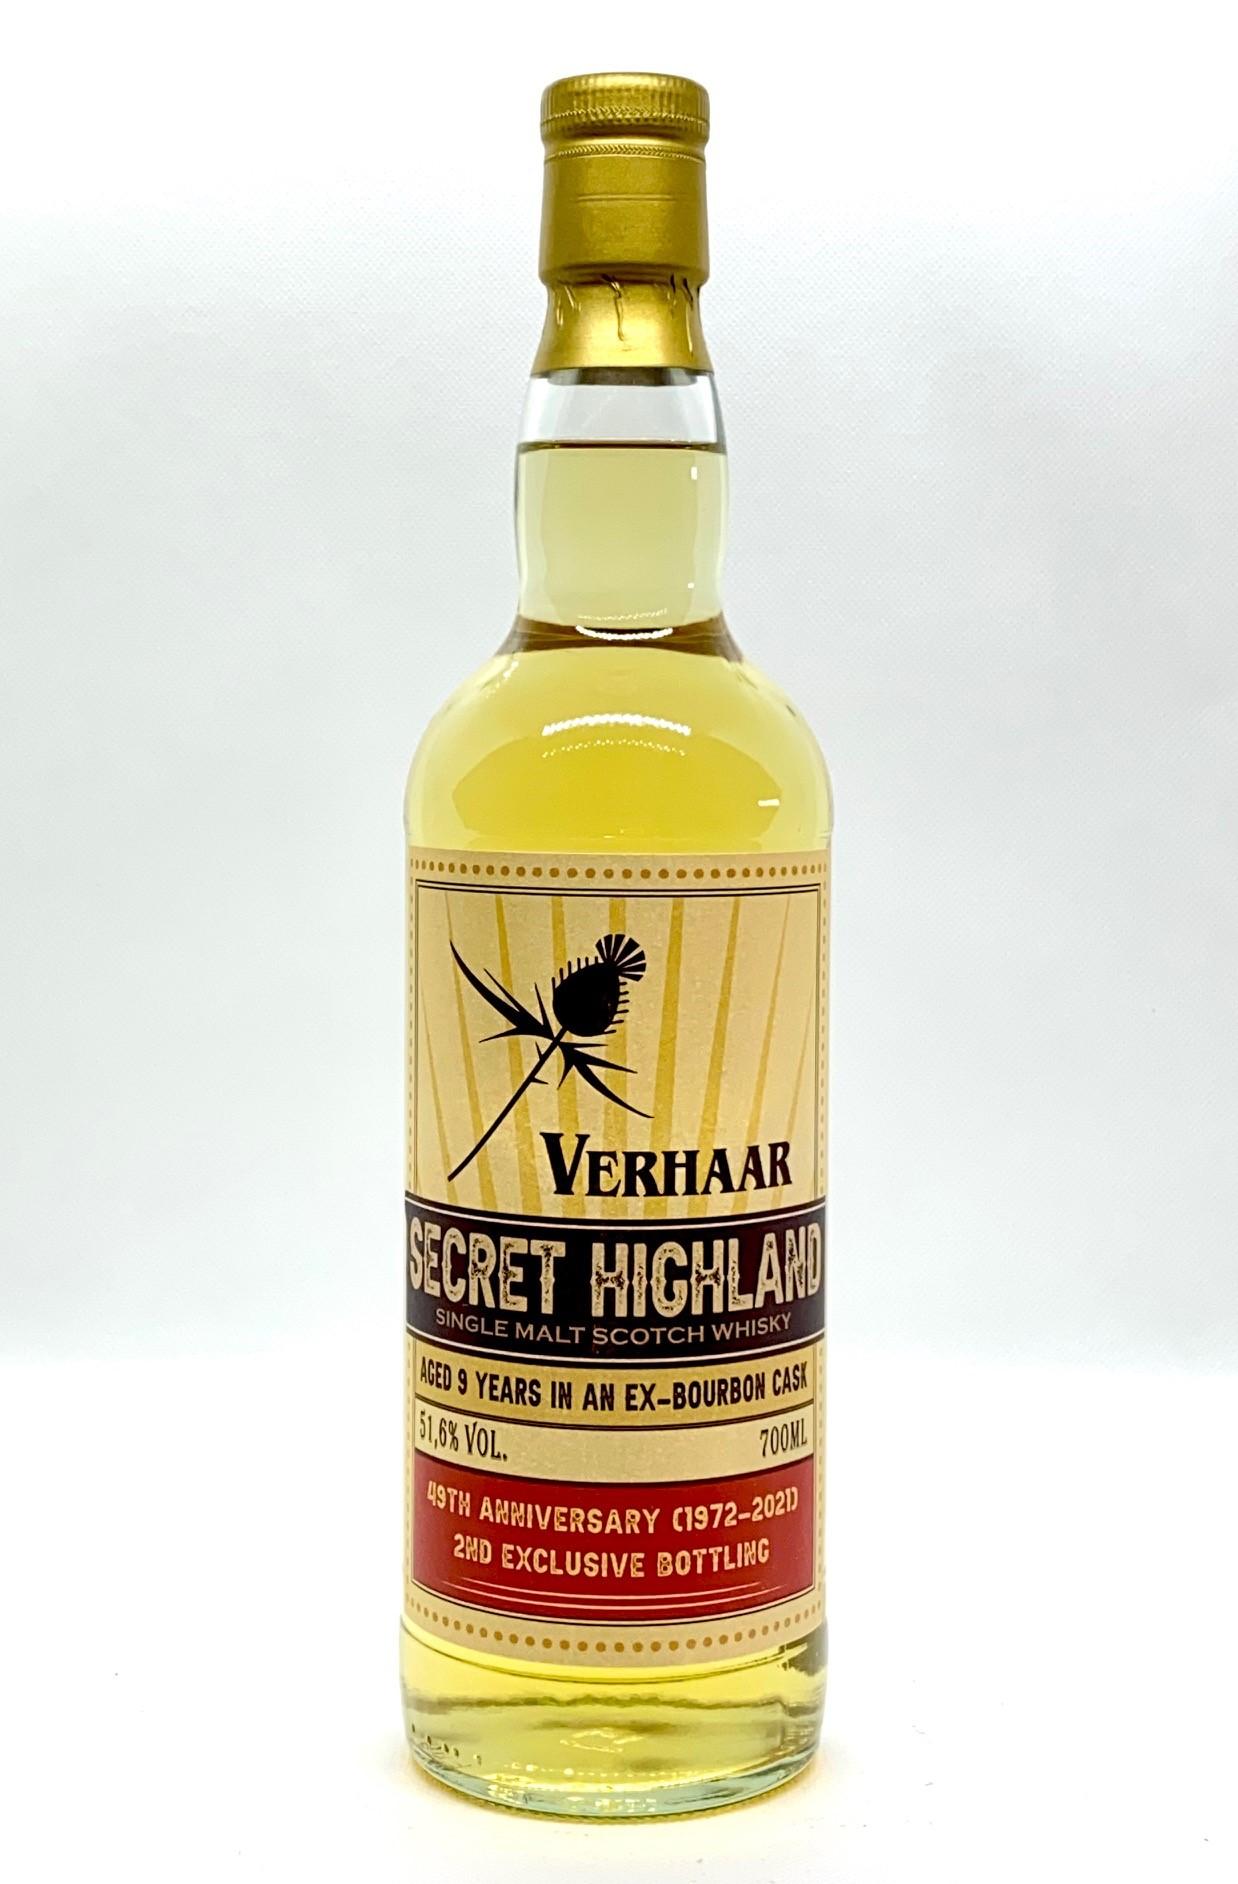 'Secret Highland' - Bottled for Verhaar